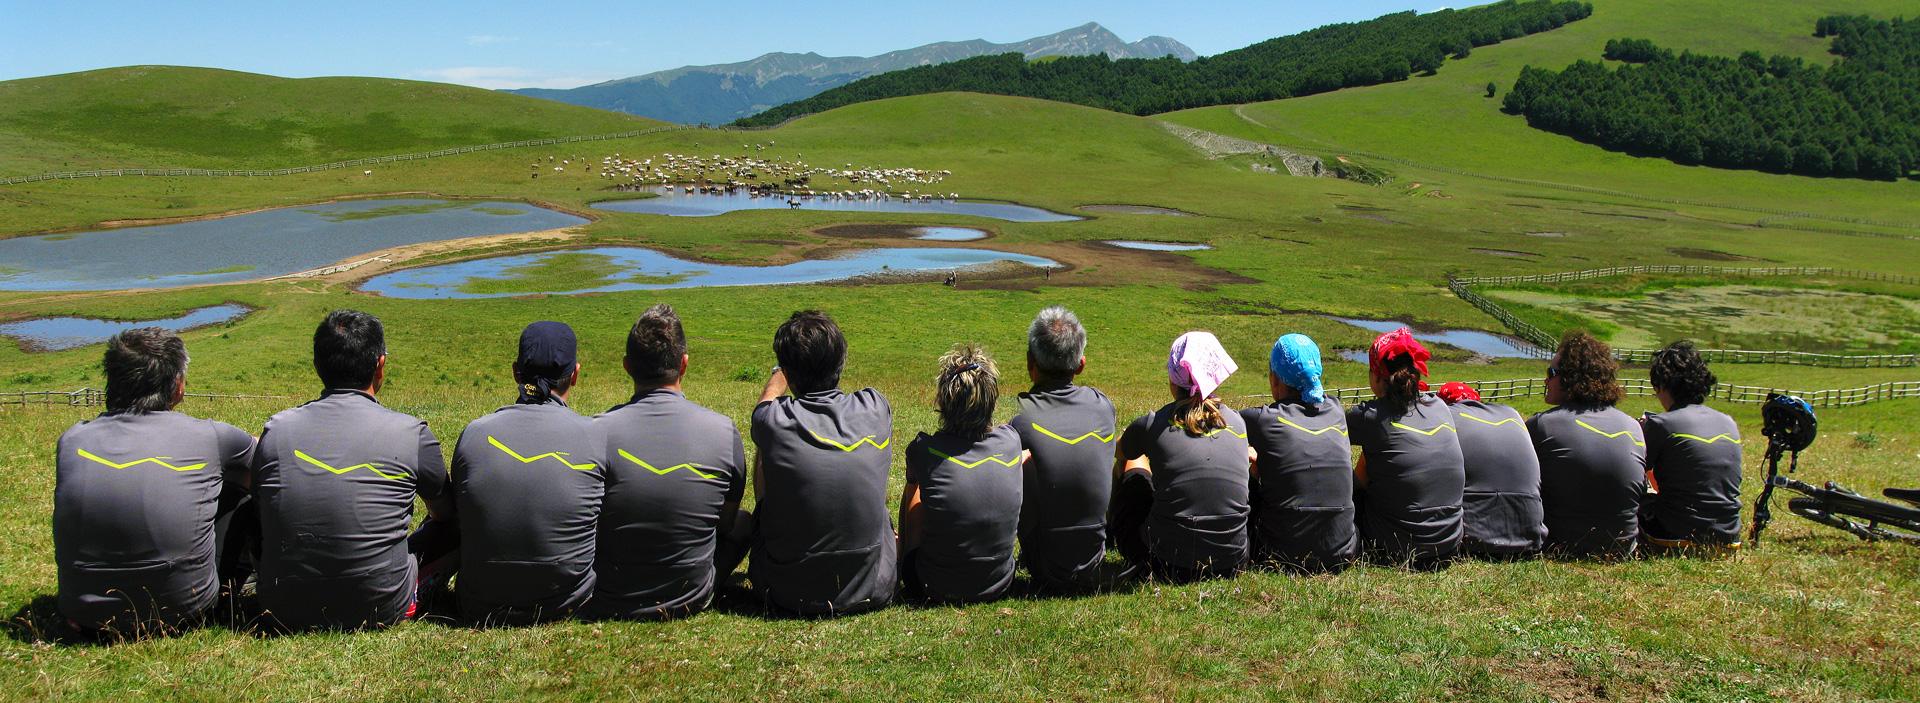 2010-07-11: Pantani di Accumoli (RI) - Parco nazionale dei monti Sibillini